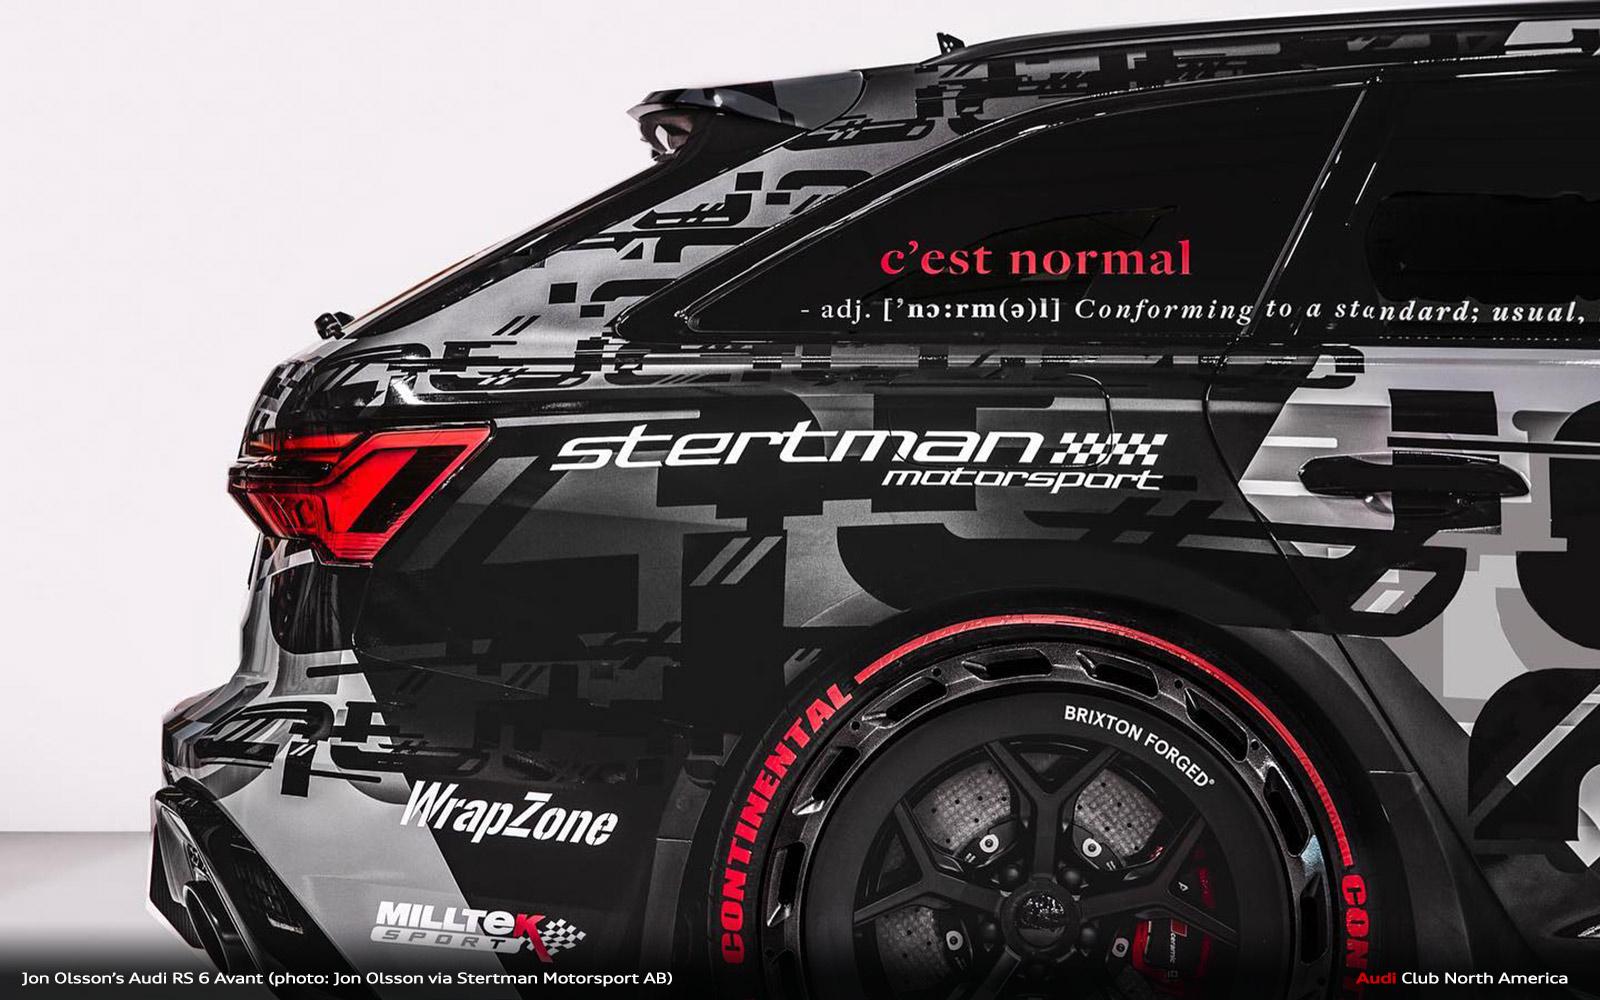 Jon Olsson's New Audi RS 6 Avant Revealed